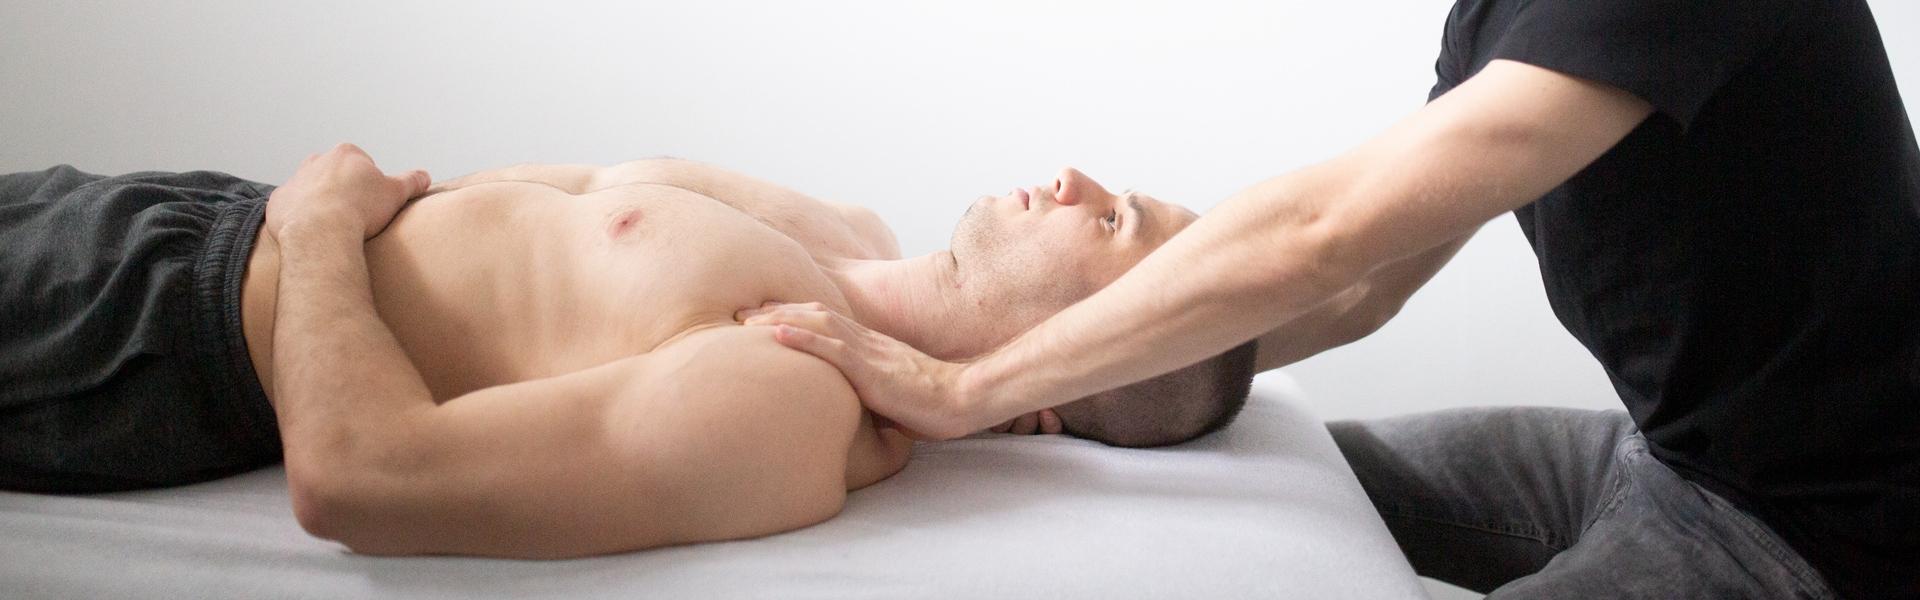 masaż fizjoterapia masaz sportowy